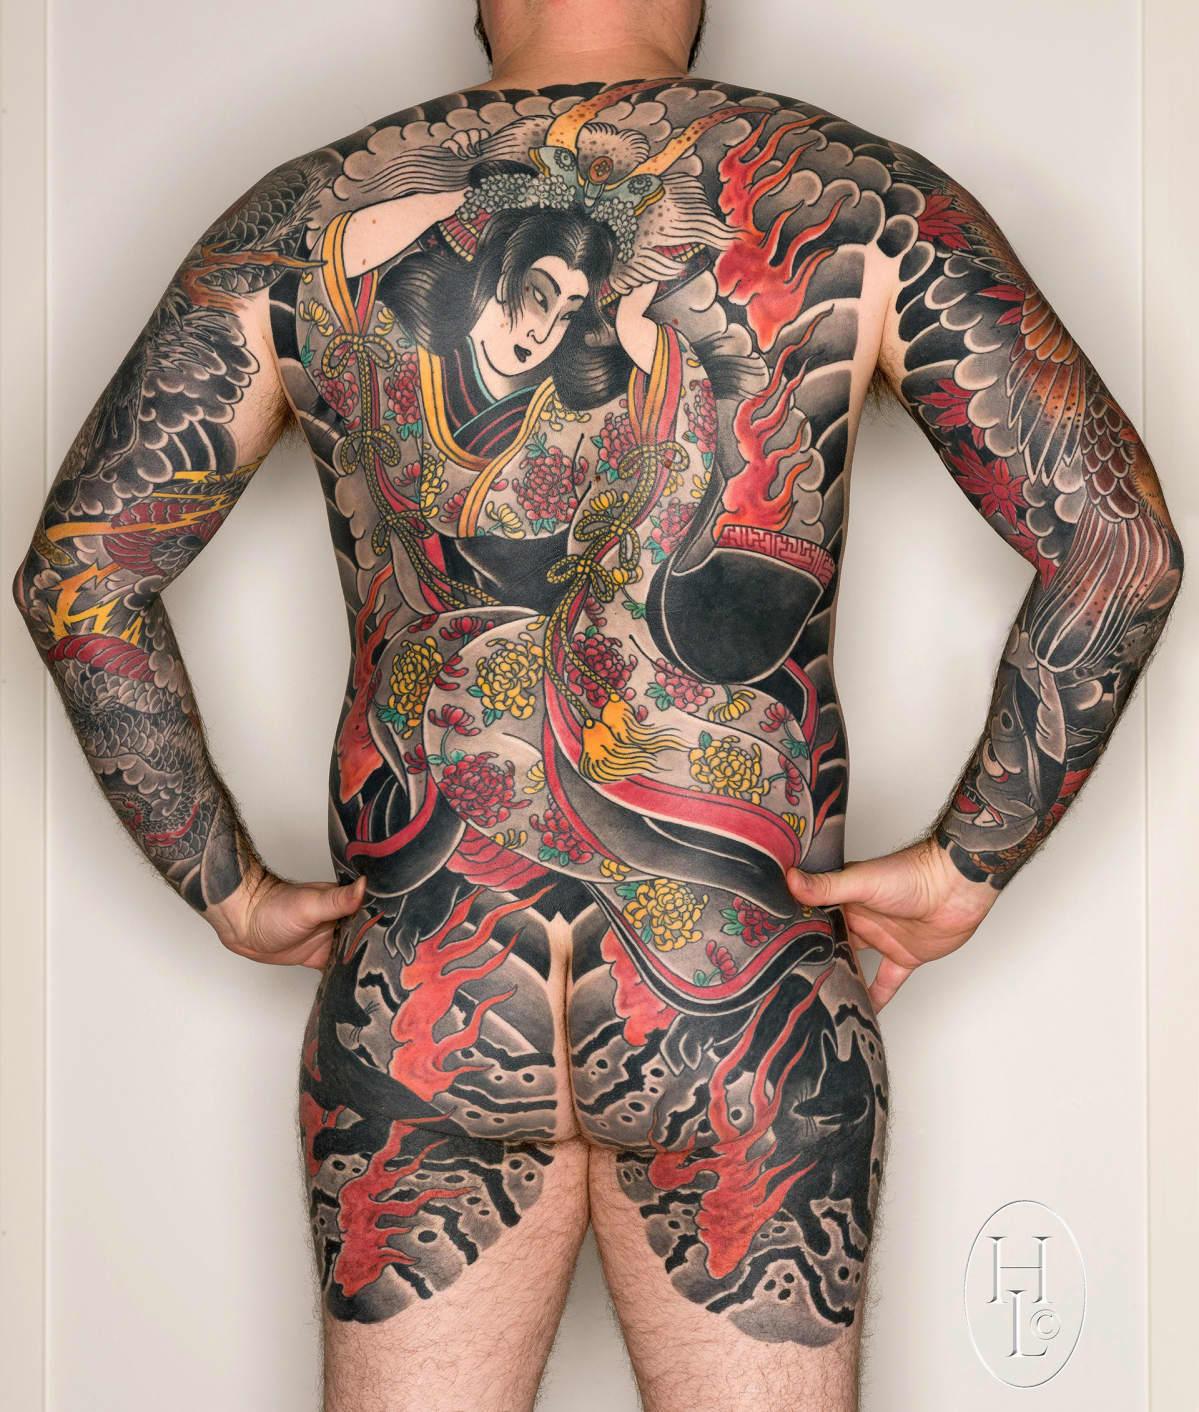 Larjasto ei halua laittaa kuvaamiaan tatuointeja paremmuusjärjestykseen, mutta nostaa yhdeksi hienoimmista tämän japanilaisten puupiirrosten mukaan tehdyn kuvan.